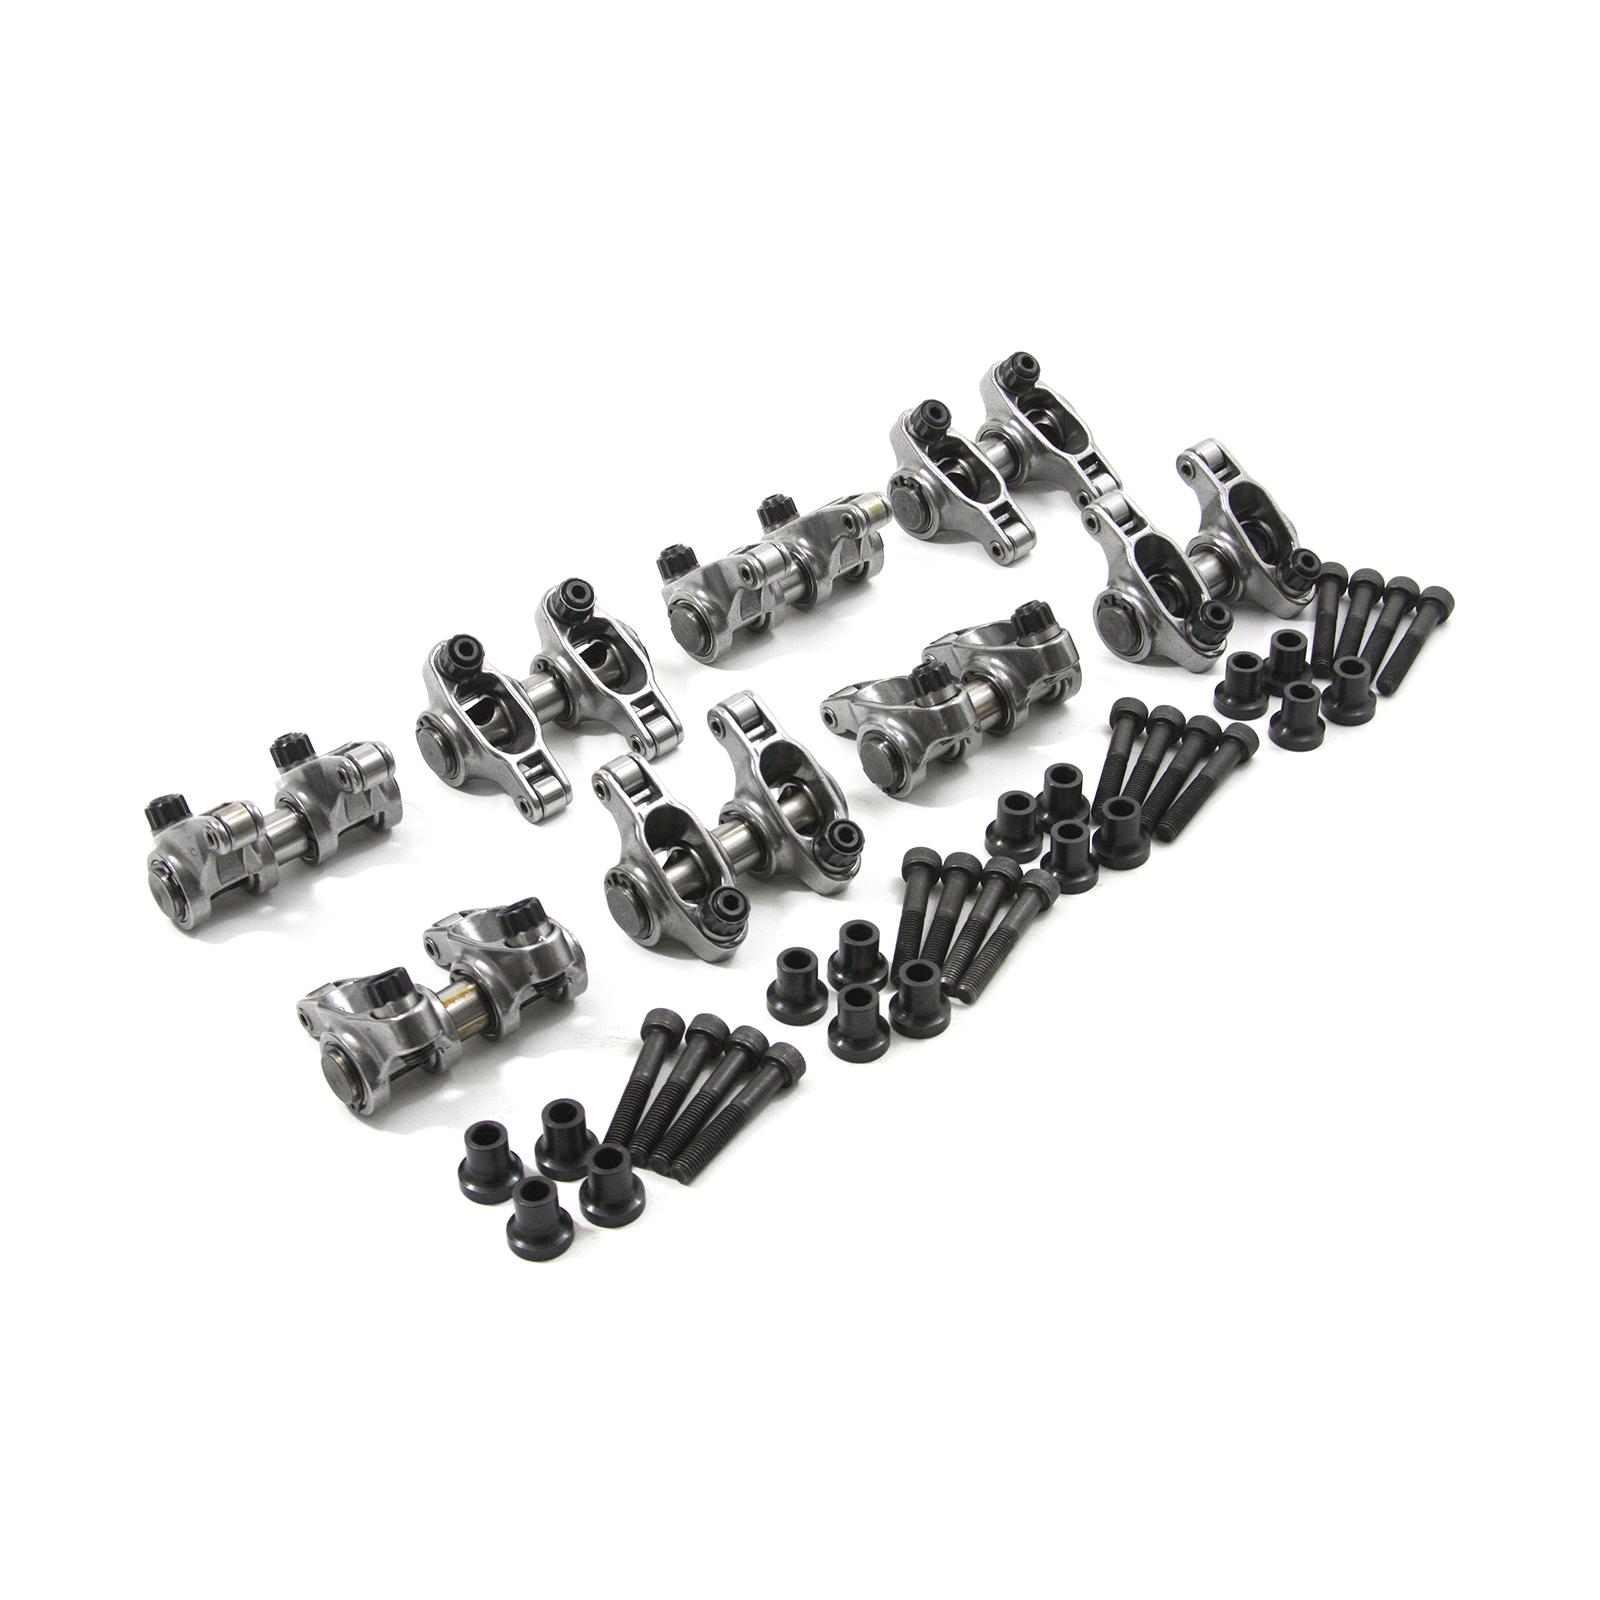 PCE261.1253.02 compatible with Chevy LS3 1.7 Ratio Aluminum Pedestal Mount Roller Rocker Arm Set Black